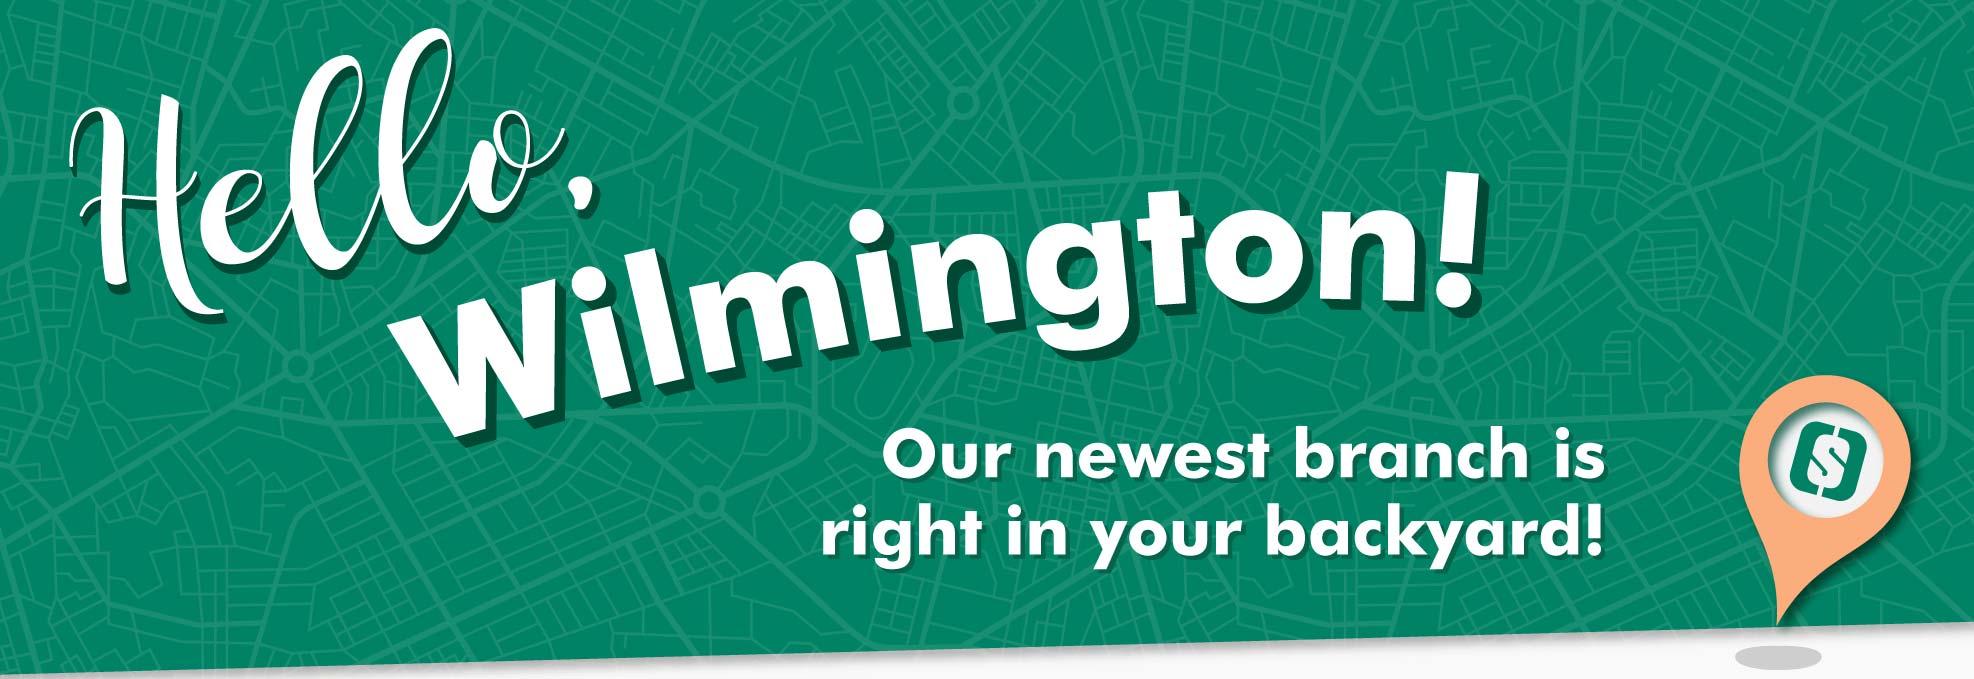 hello wilmington